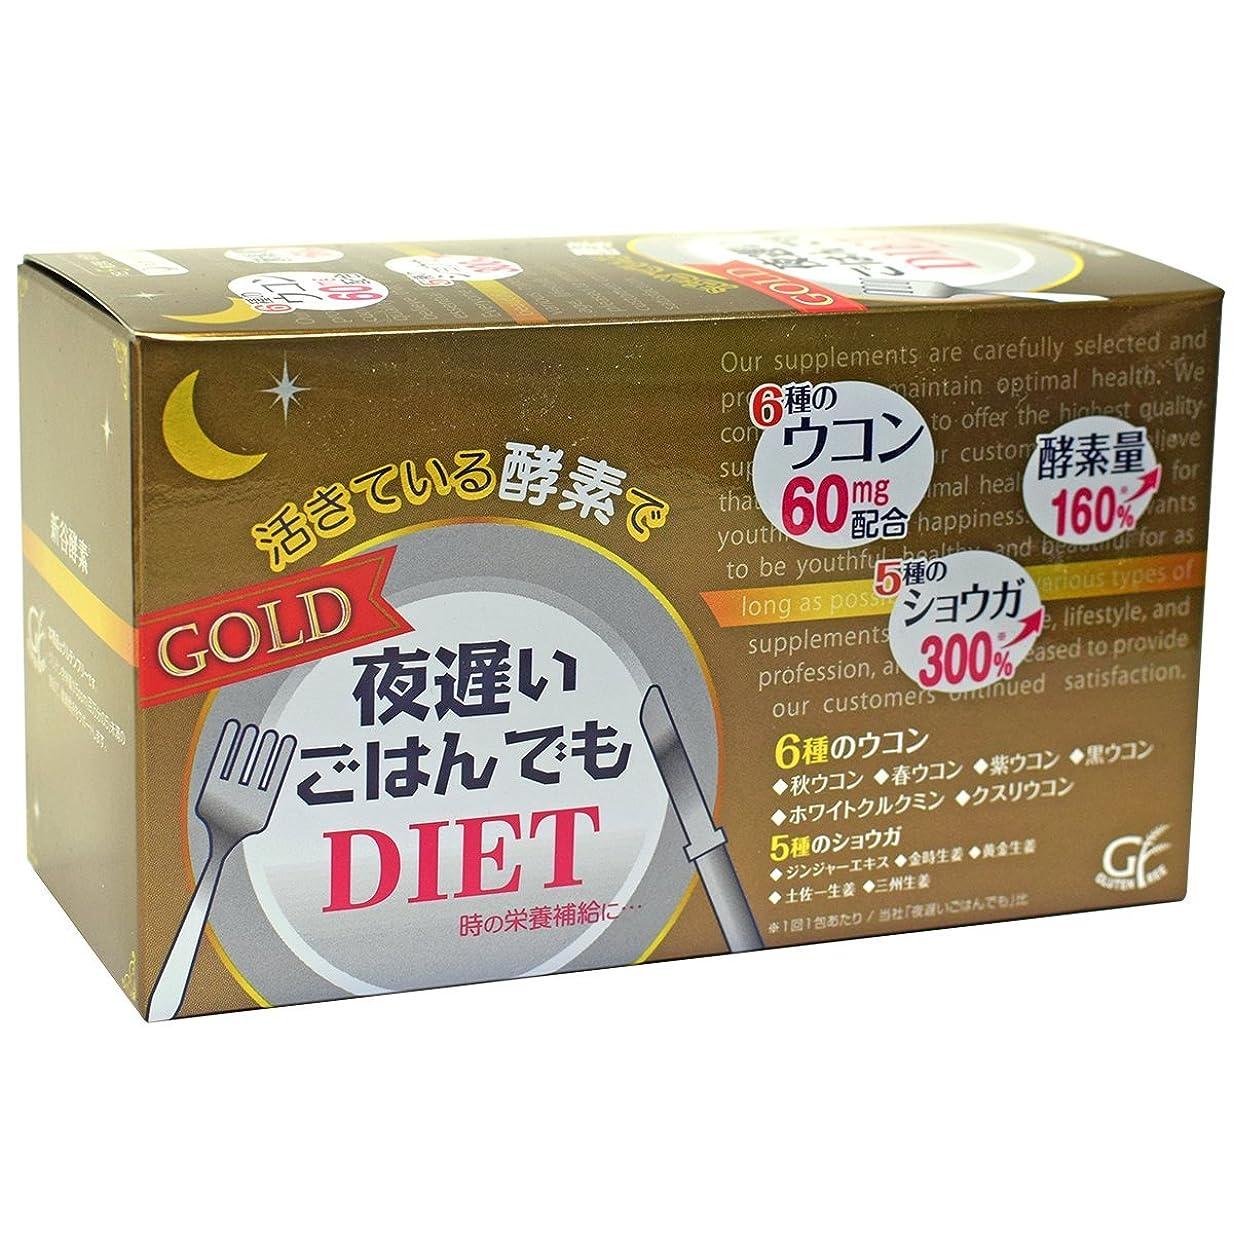 消毒するファイアル理解する新谷酵素 夜遅いごはんでも GOLD 30包入